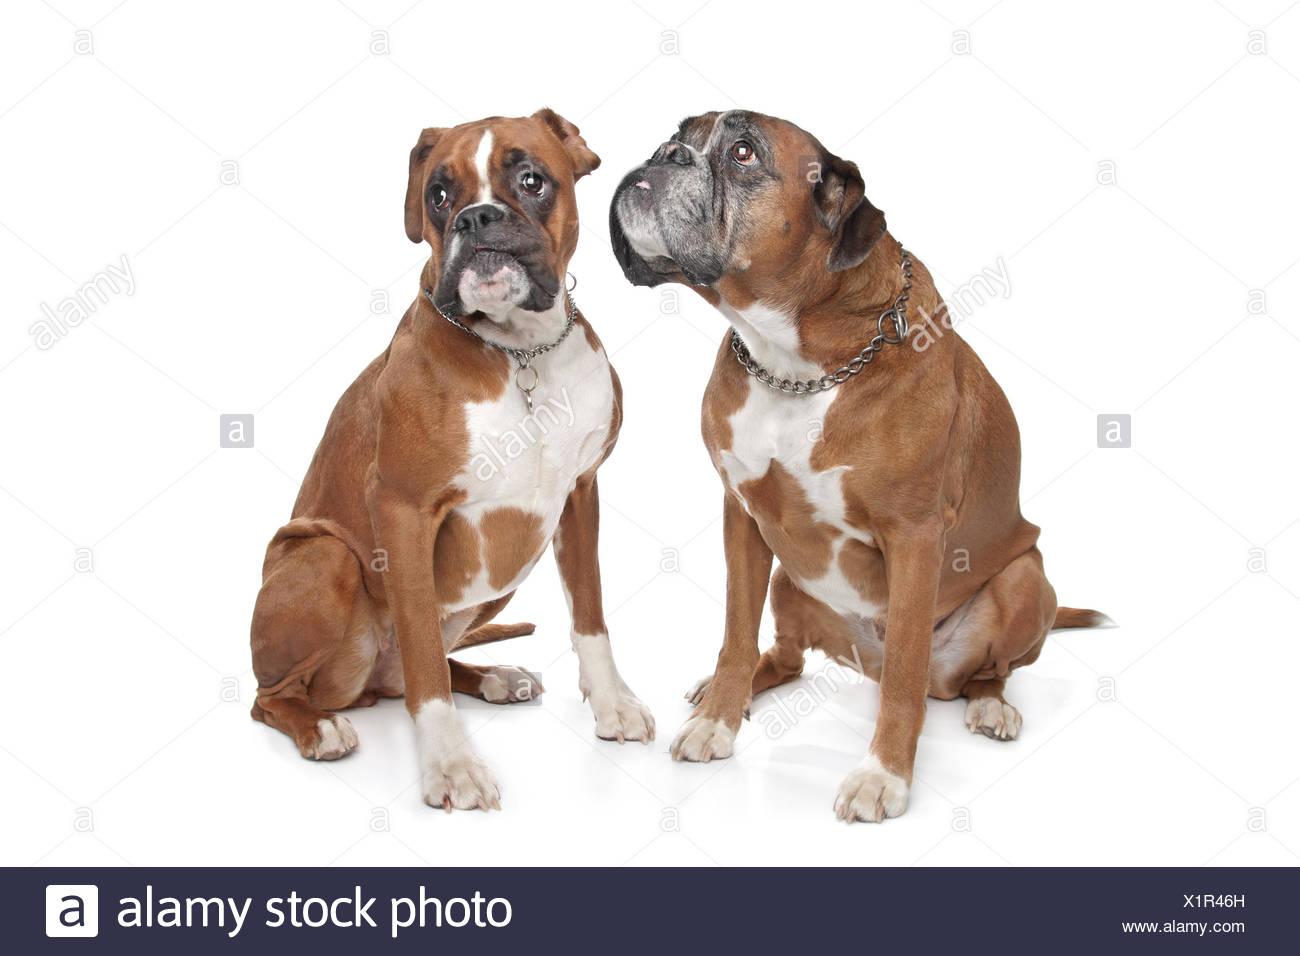 pets pet dog - Stock Image